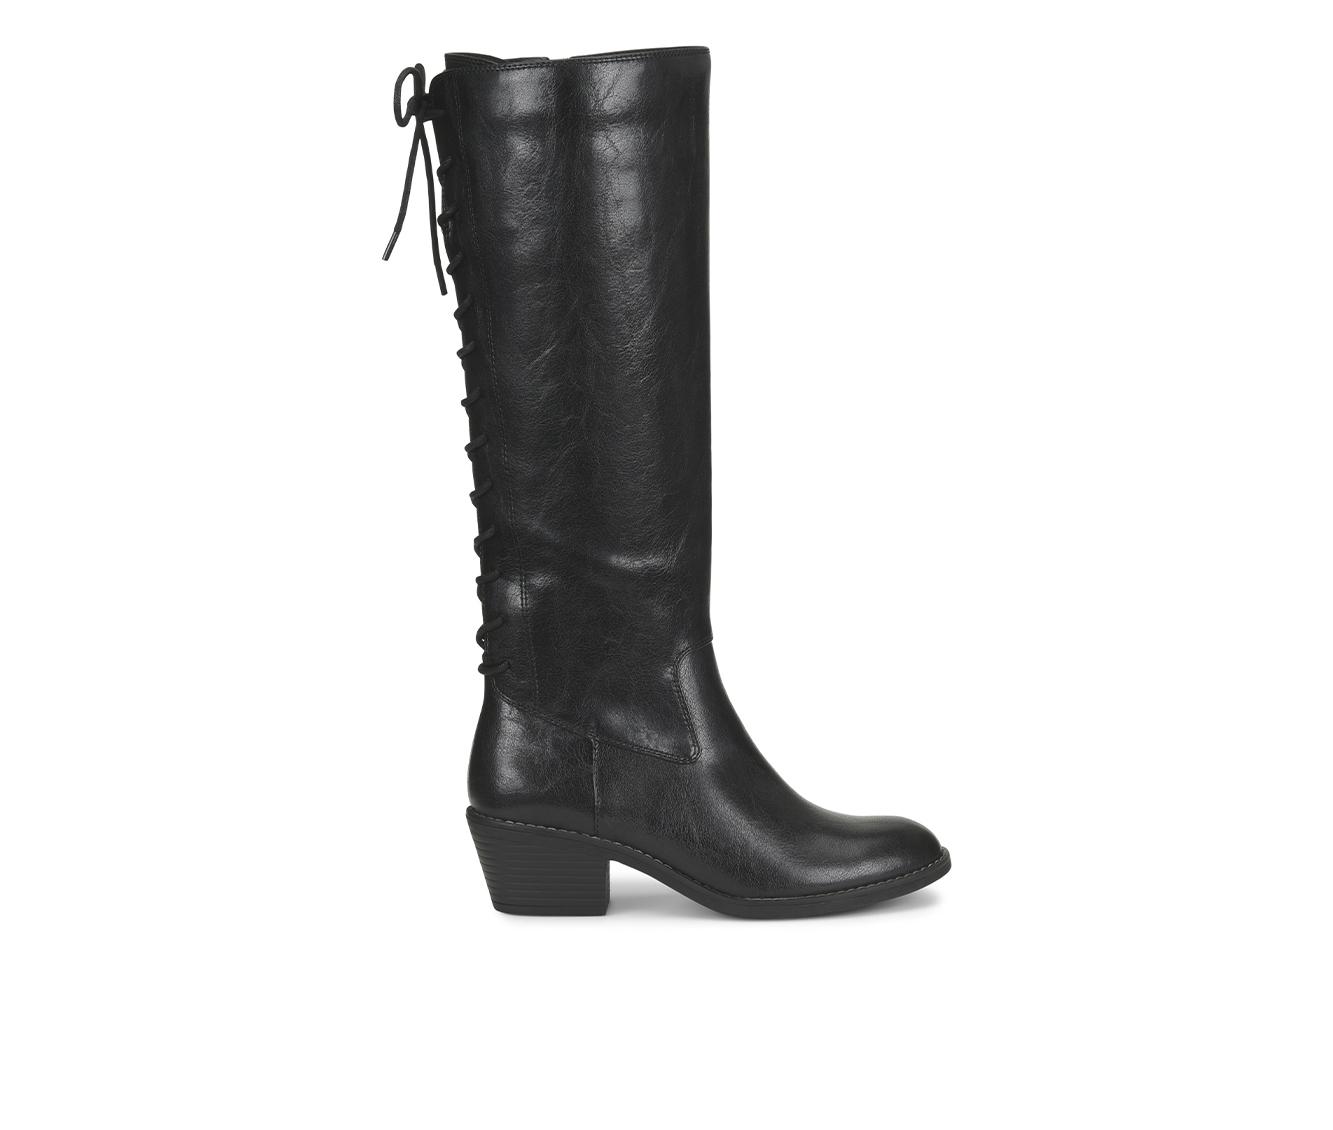 EuroSoft Carlen Women's Boot (Black Faux Leather)